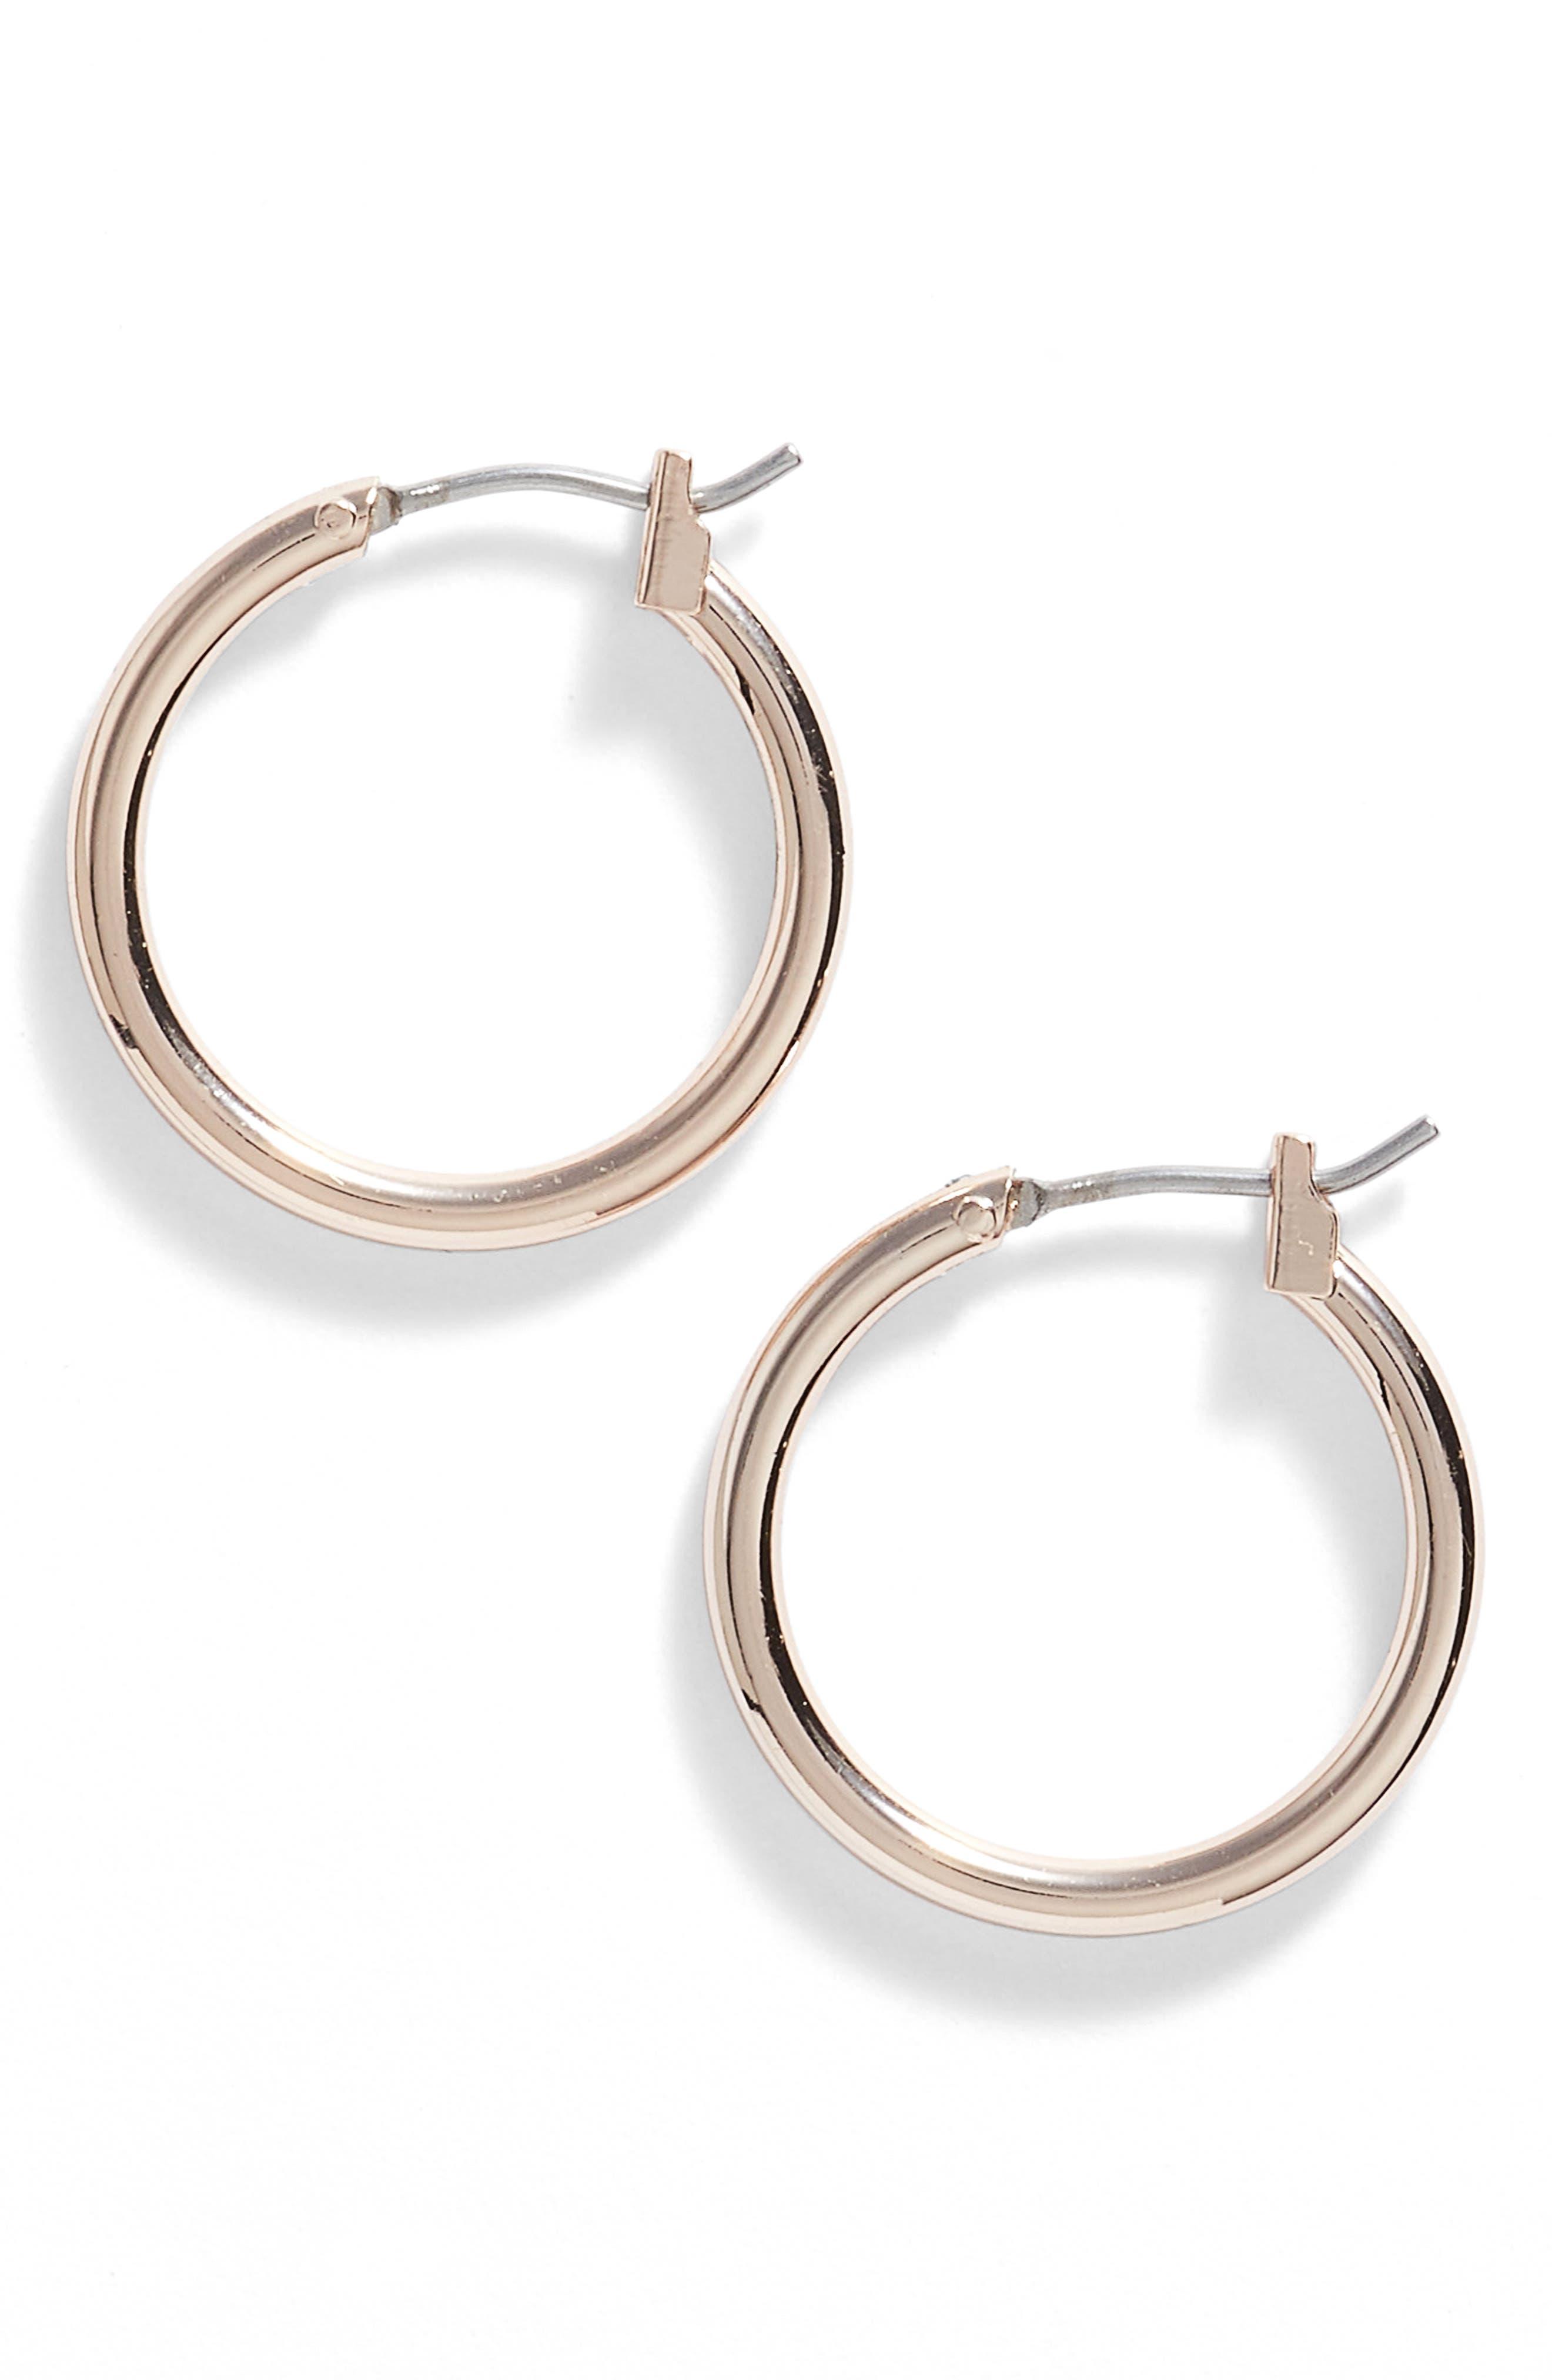 Alternate Image 1 Selected - Nordstrom 'Clean' Small Hoop Earrings